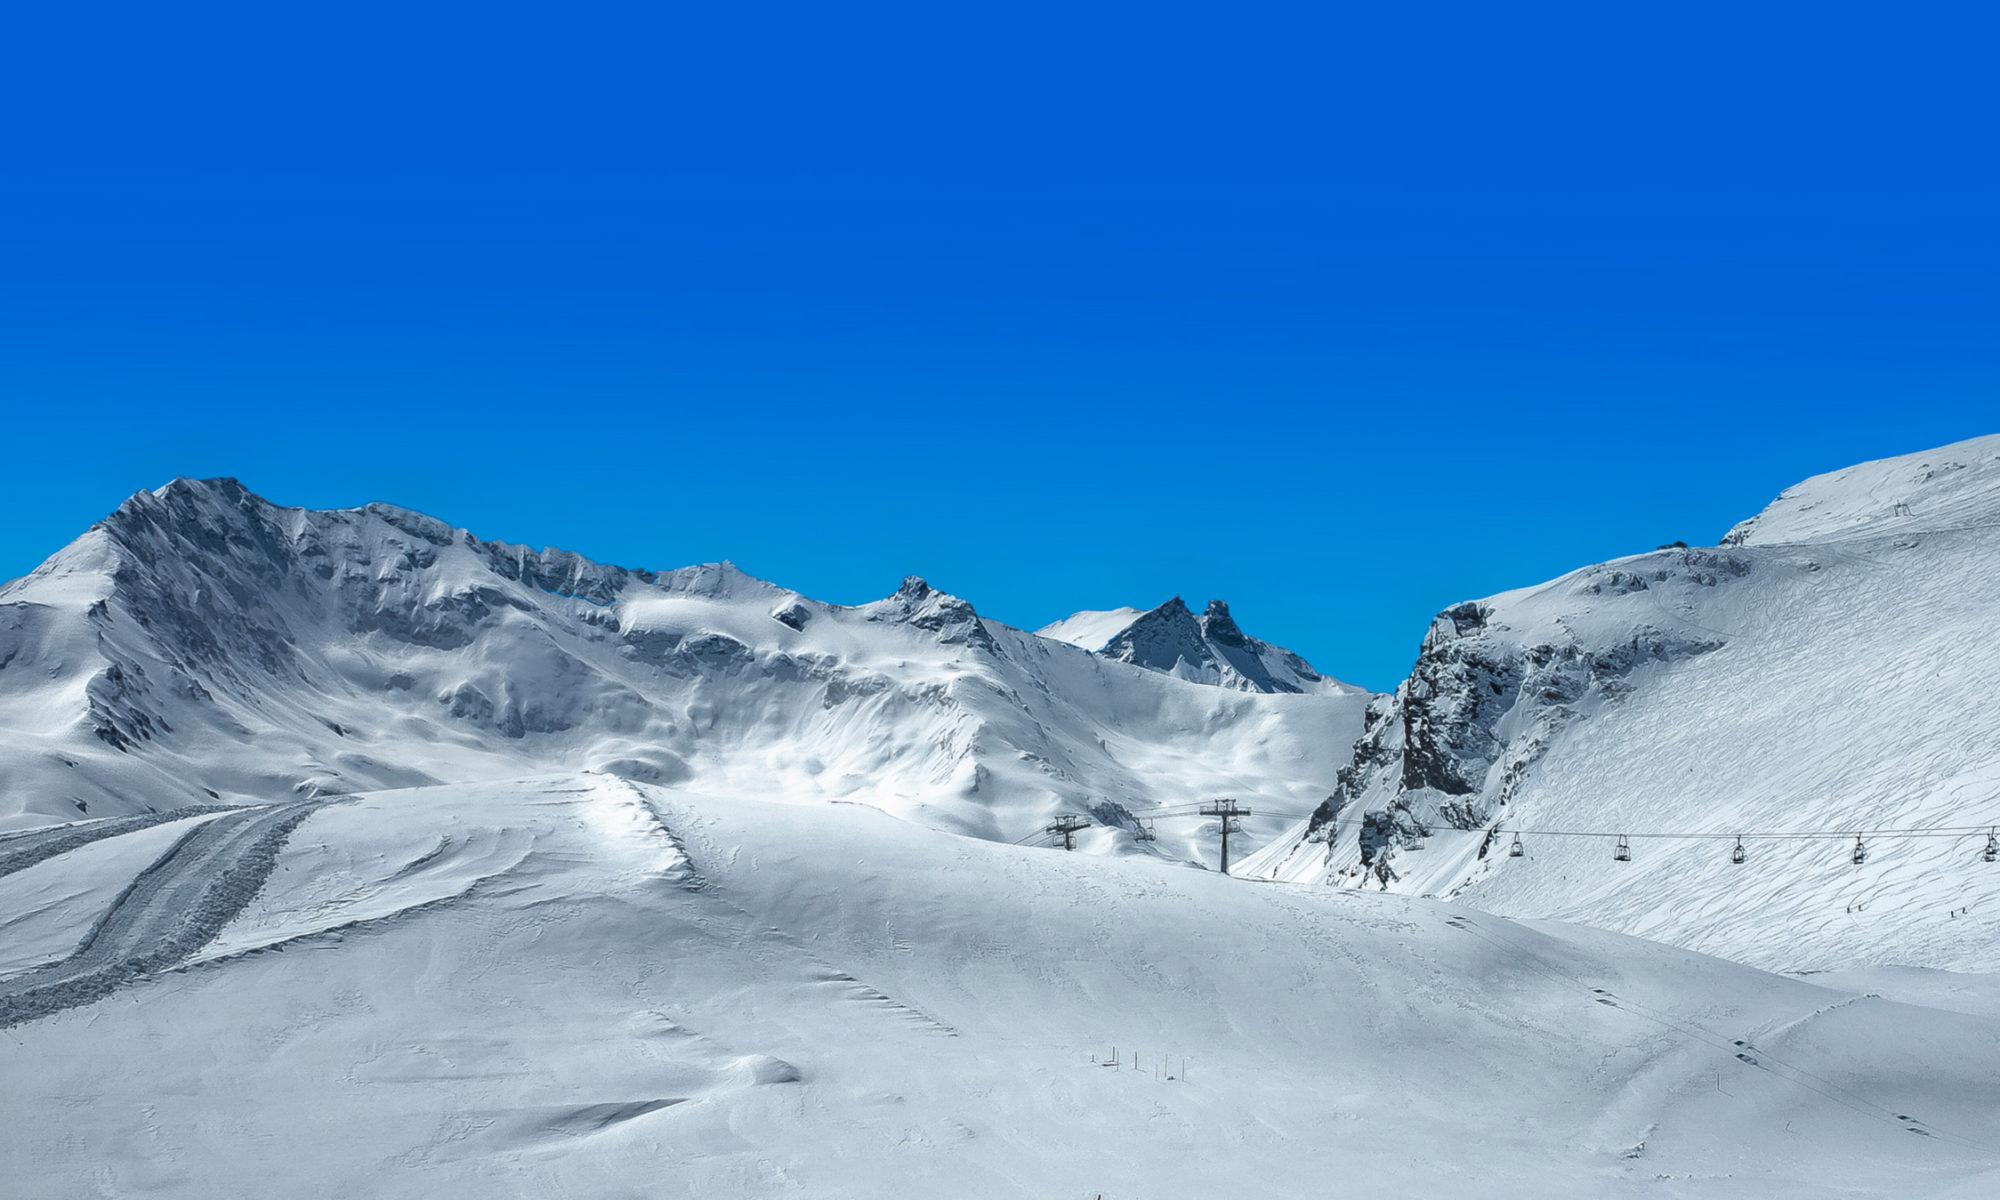 Skiklub.pl